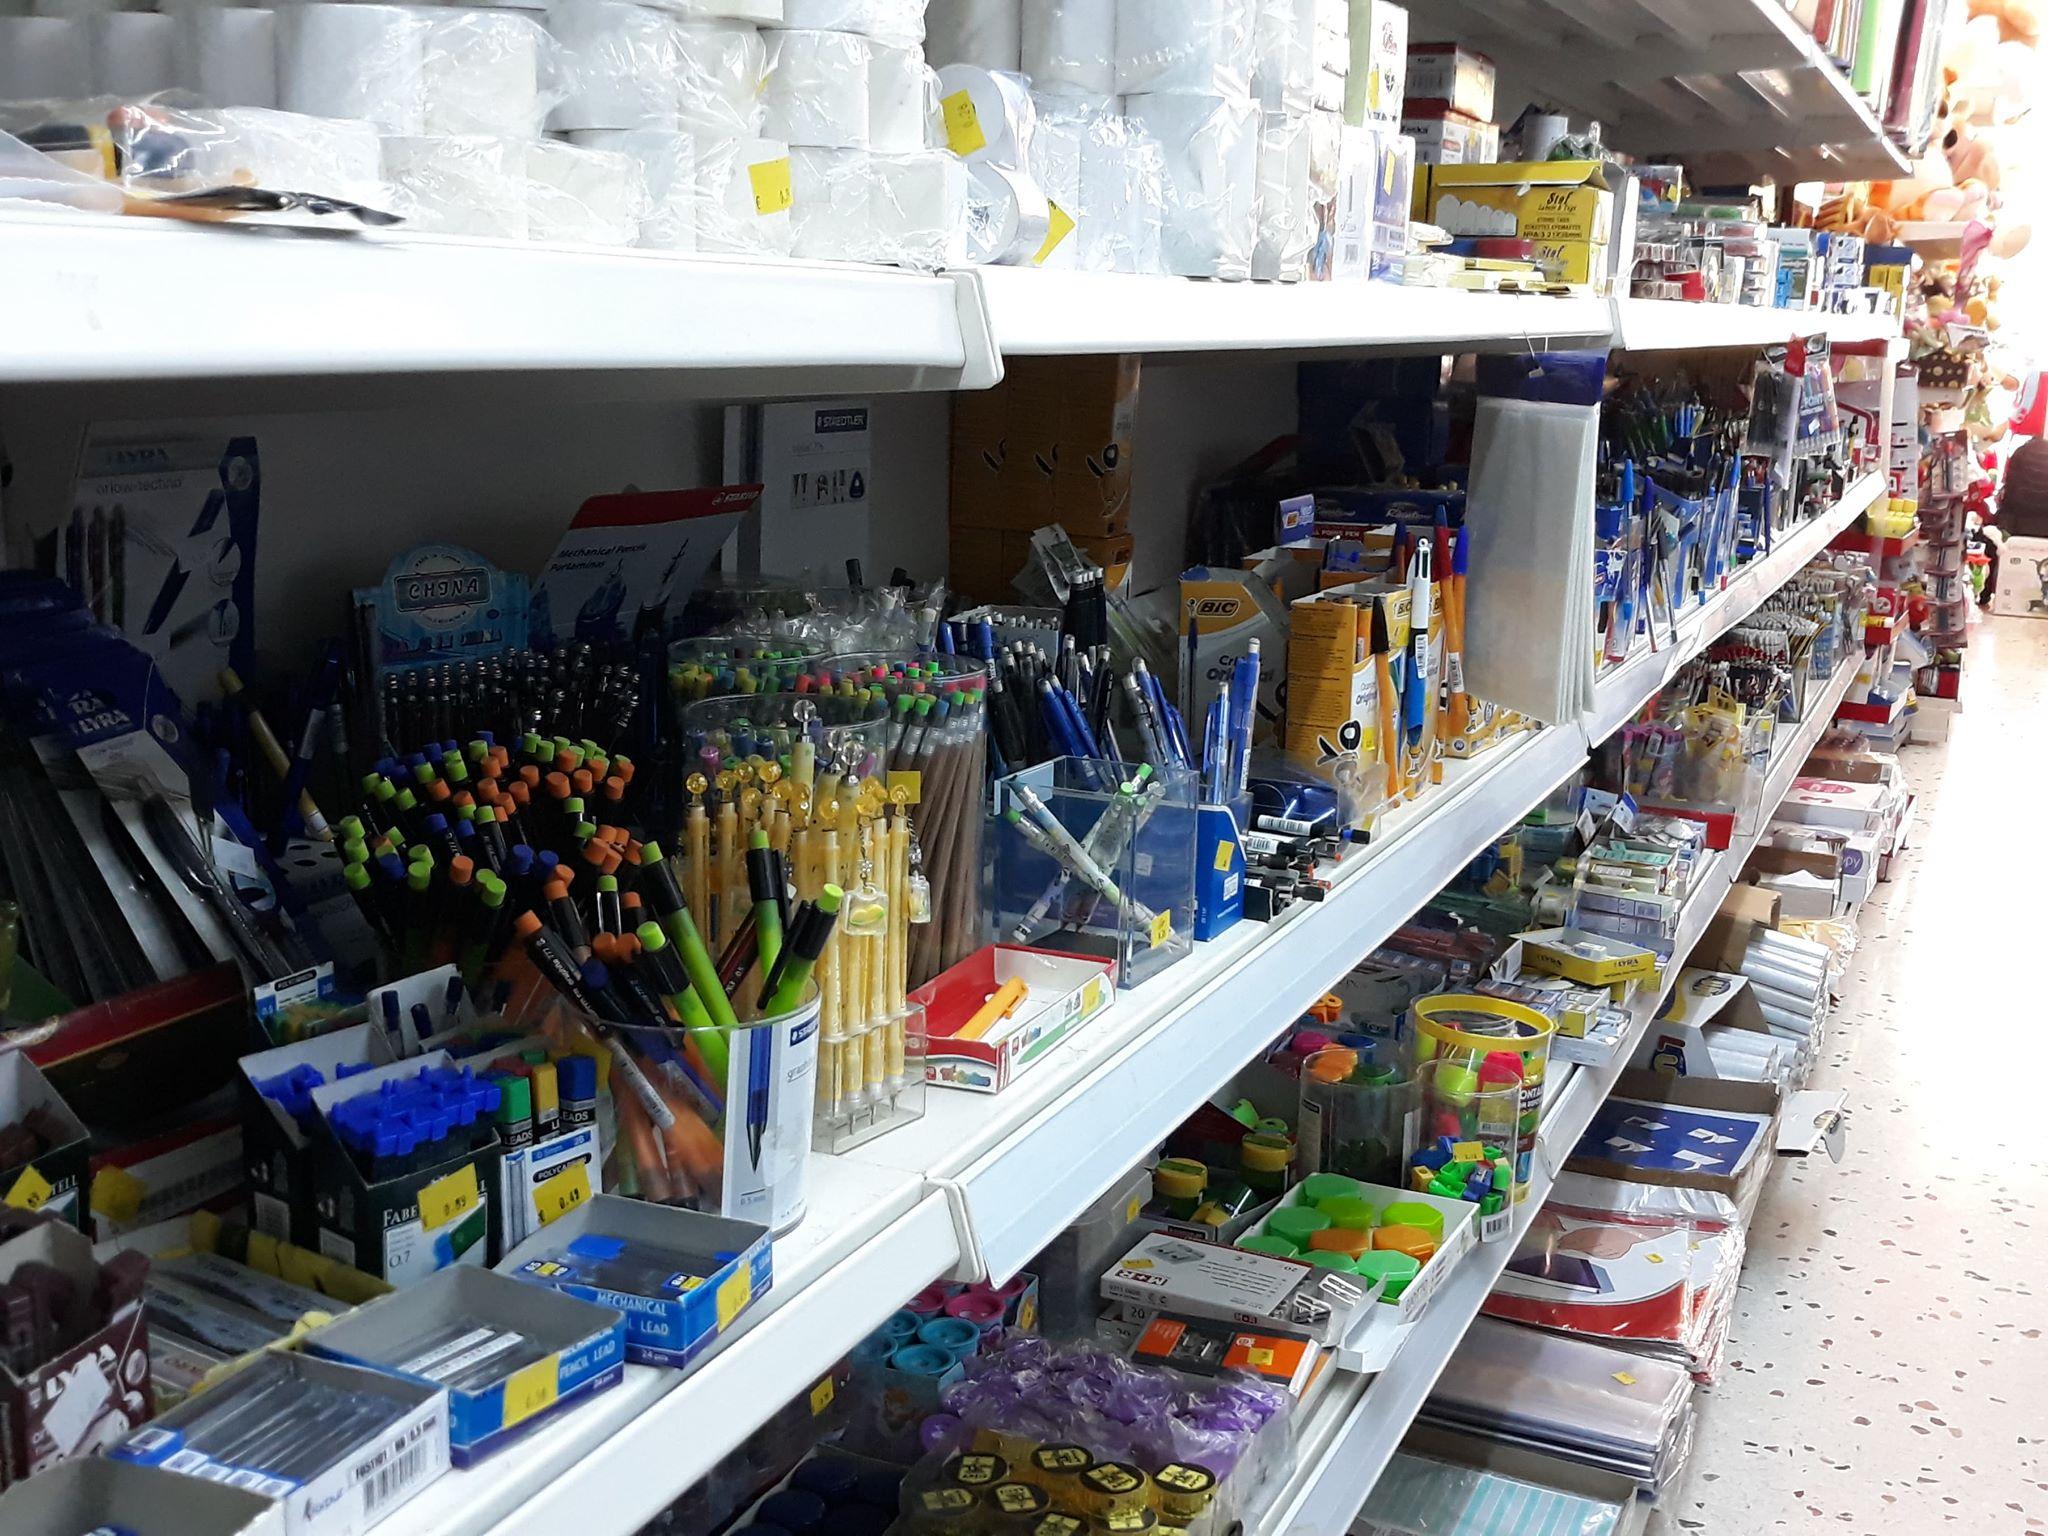 Στα Junior Toys μπορείτε να βρείτε τα πάντα για τους μαθητές από τα νήπια  μέχρι το Λύκειο. Επιλέξτε τις κατάλληλες τσάντες για νήπια με διάσημους  ήρωες e59f3cb3ad2